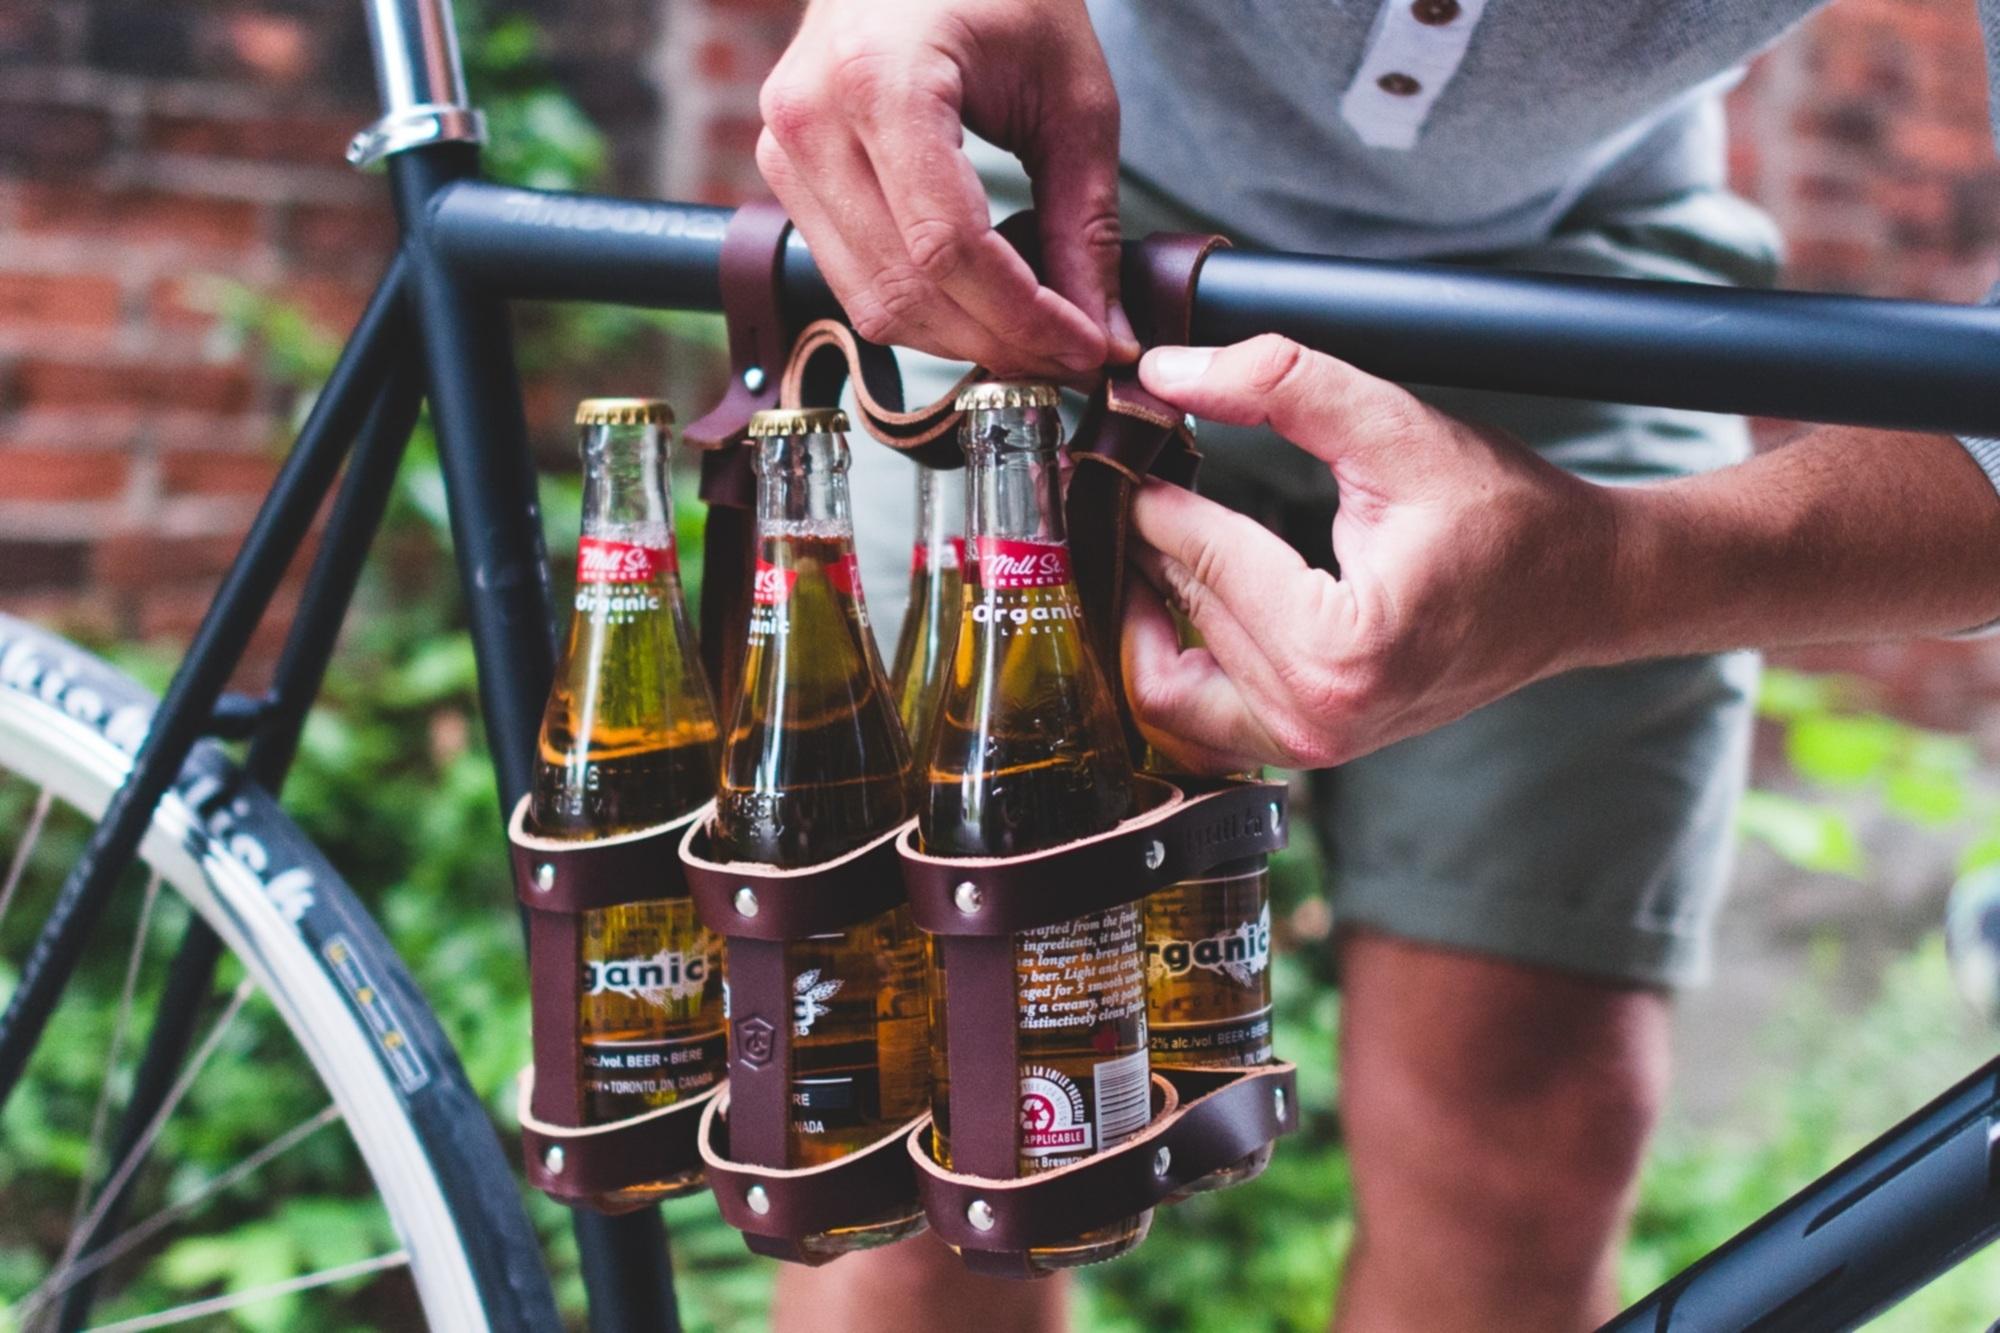 Sixpack-Halterung fürs das Fahrrad - Gut gerüstet